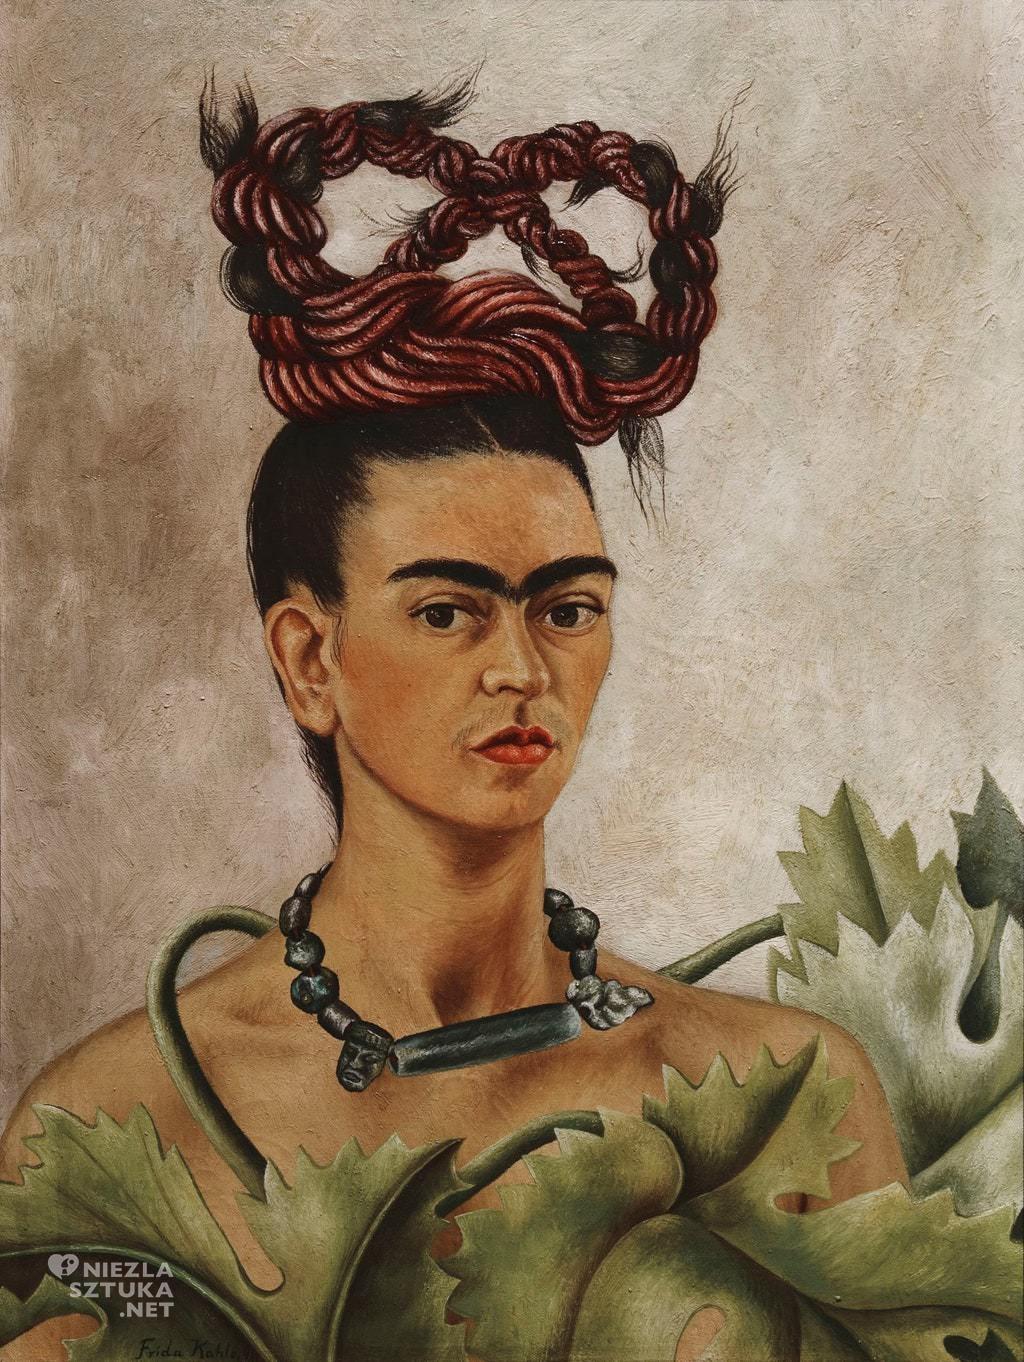 Frida Kahlo, Autoportret z warkoczem, autoportret artystki, malarka, Meksyk, Niezła Sztuka